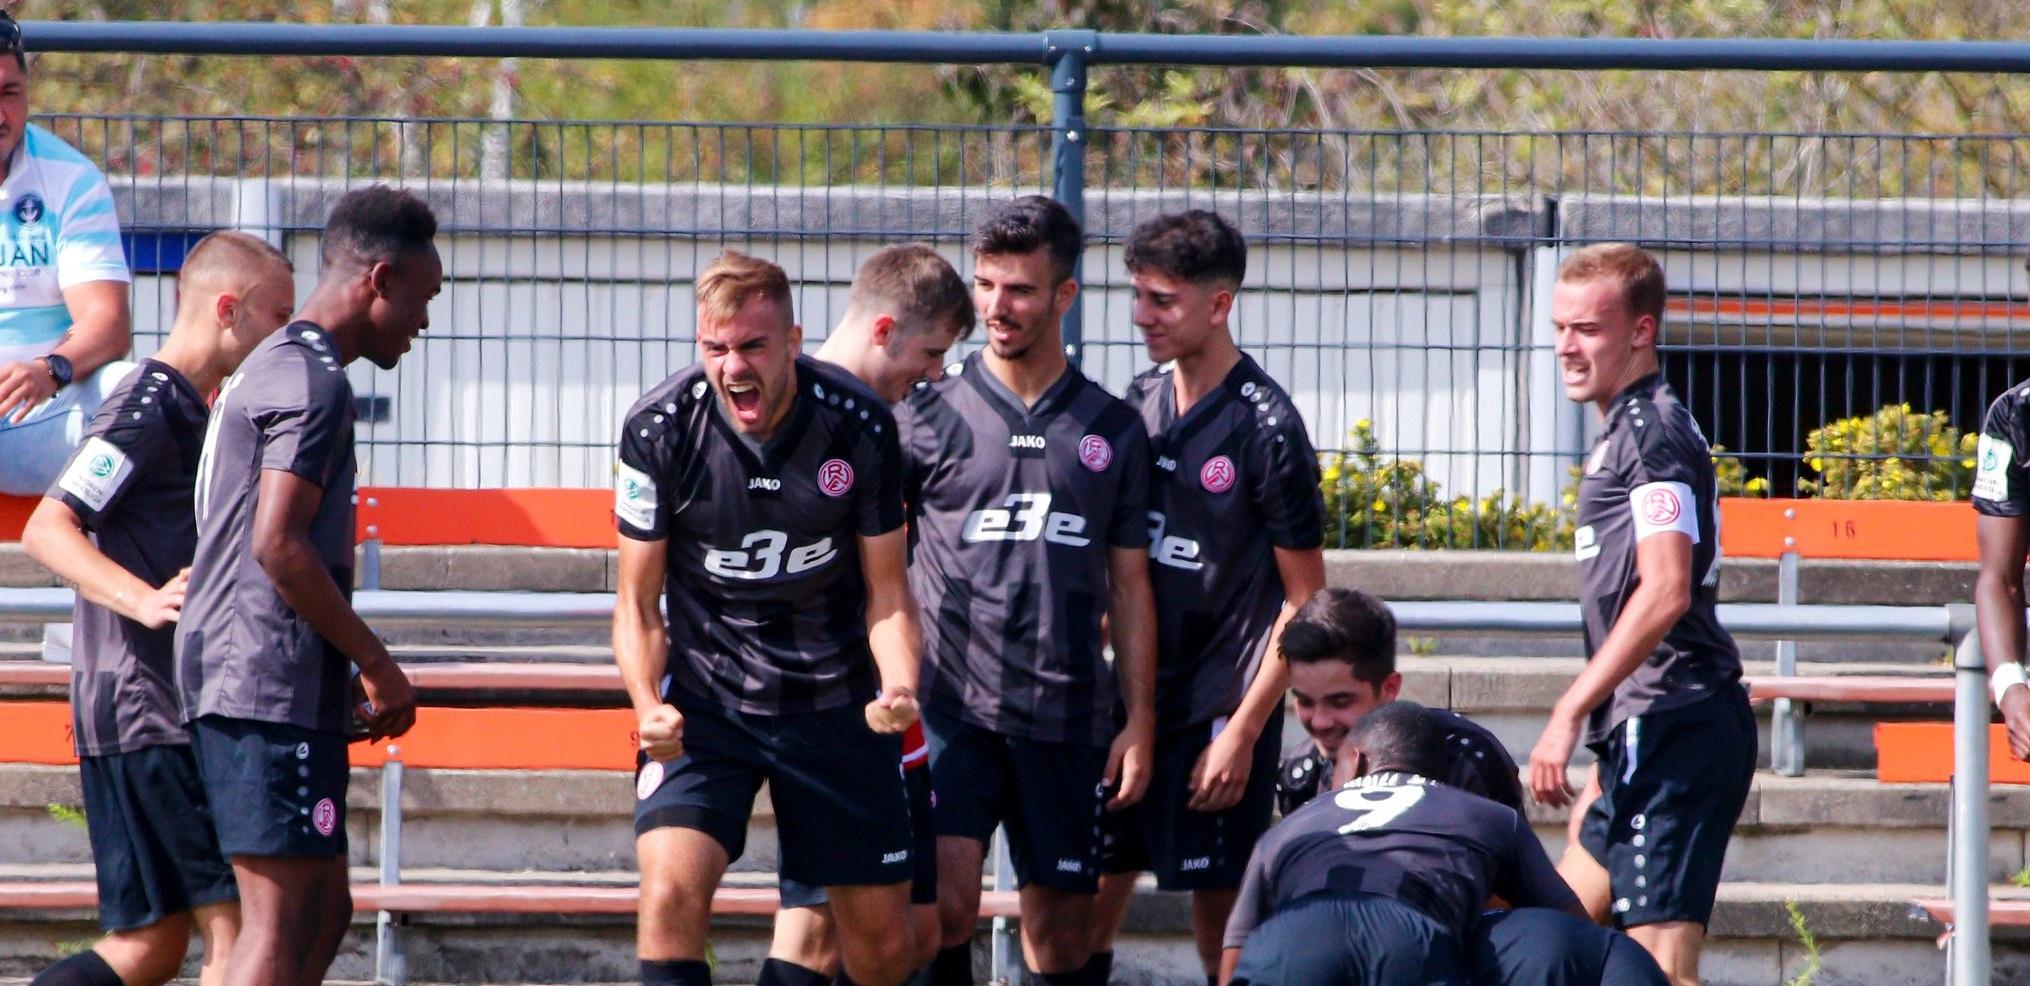 Souveräner Sieg im Spitzenspiel für die rot-weisse U19. (Foto:Breilmannswiese)